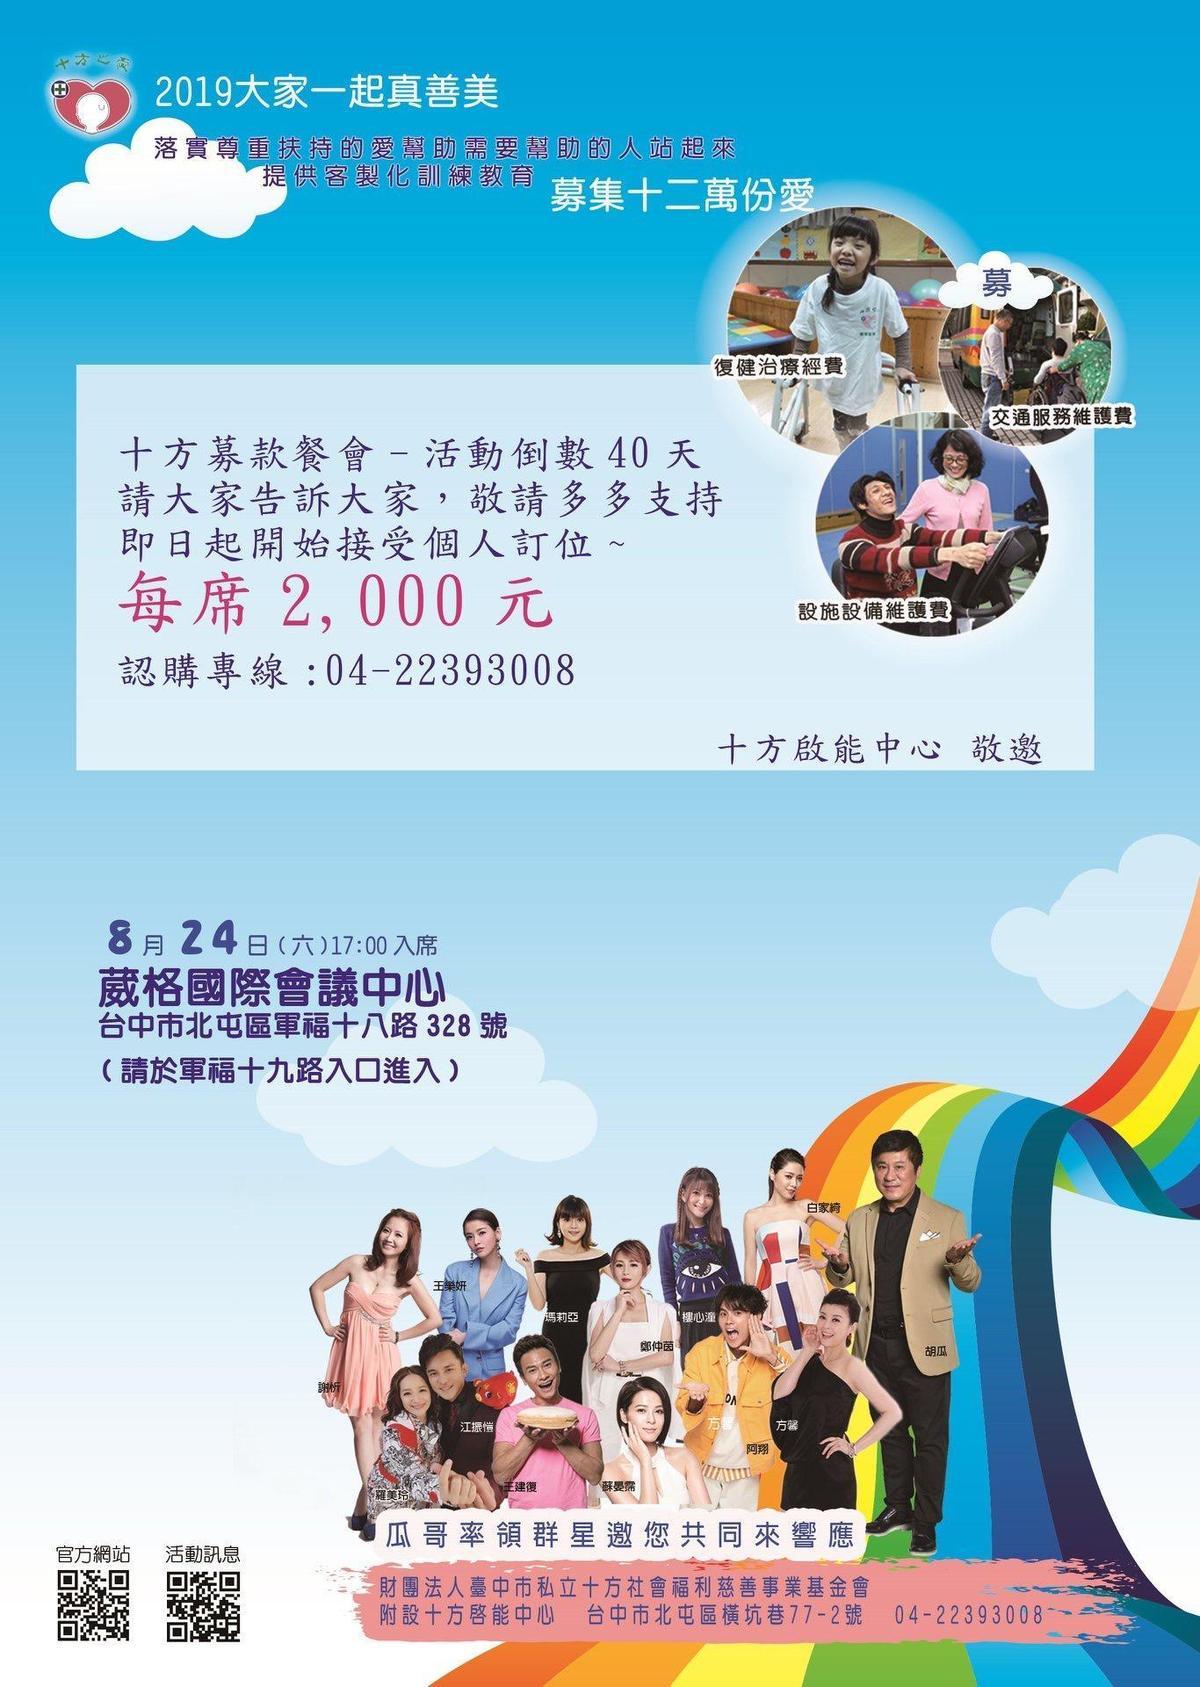 謝忻預計將出席胡瓜帶領的公益活動,活動宣傳海報上也有謝忻和阿翔,據悉將只會有一人出席。(翻攝自十方潛能中心臉書)